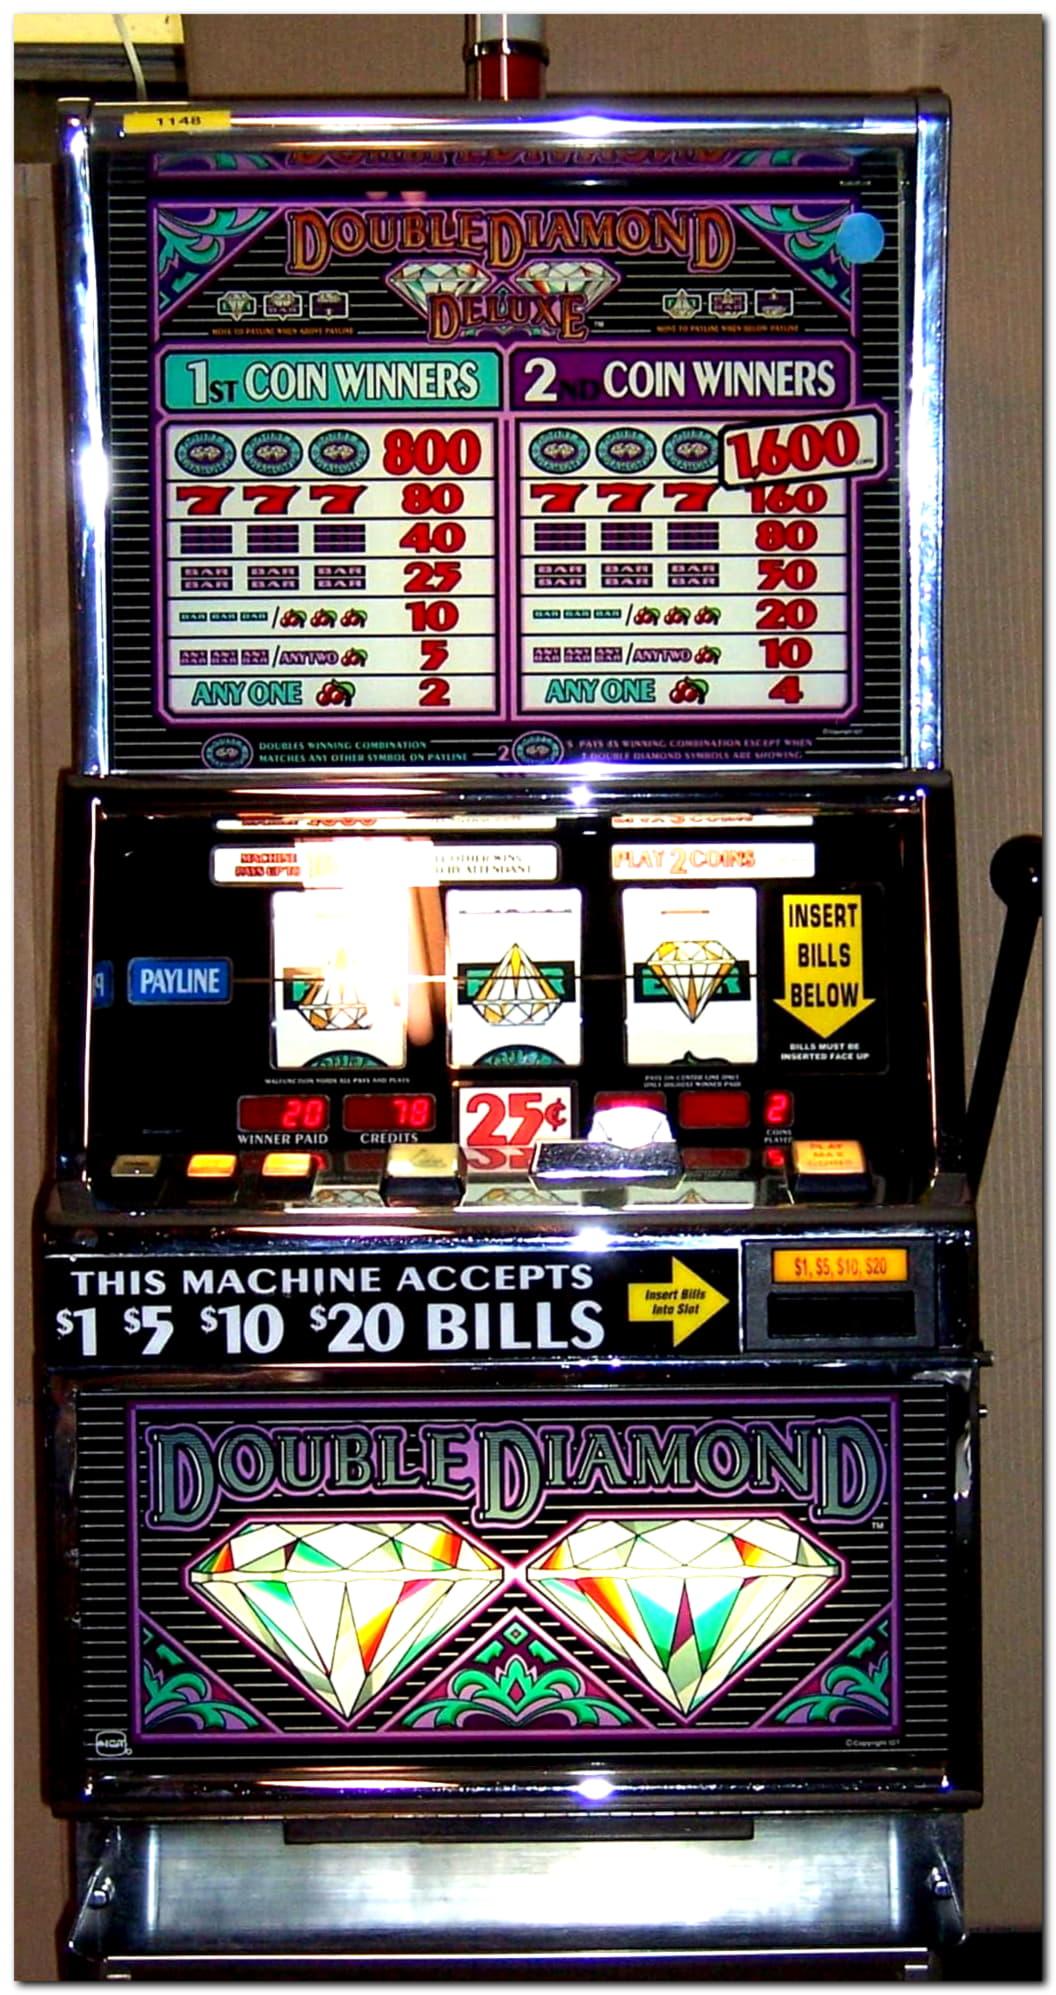 ジャックポットシティカジノの$ 255カジノチップ